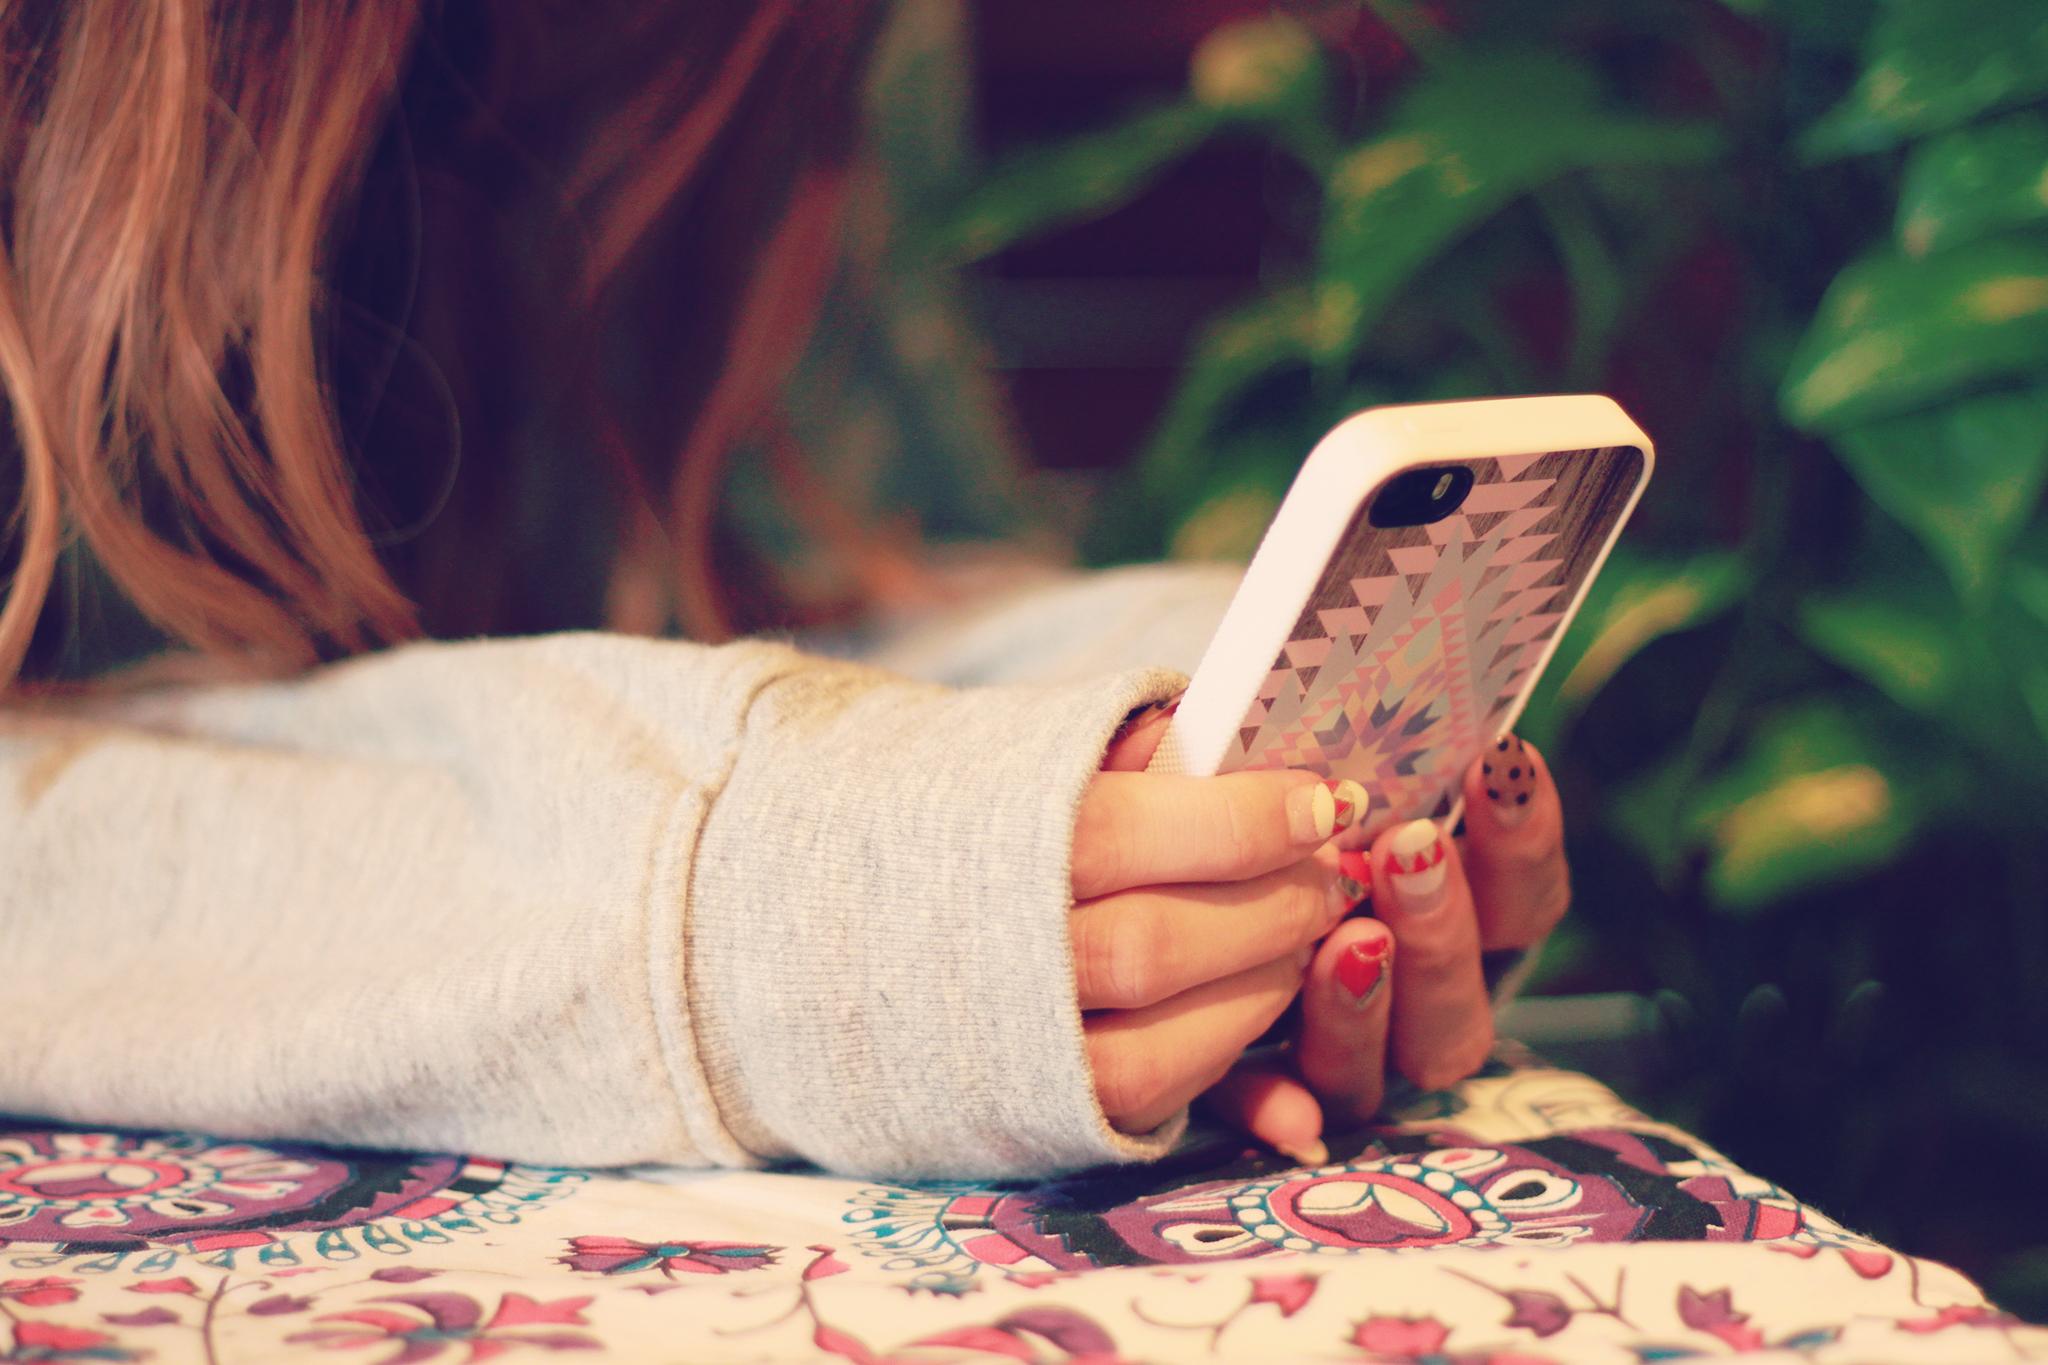 【デーティングアプリ】外国人と出会えるデーティングアプリのおすすめ♡ | ~ Que Sera Sera ~